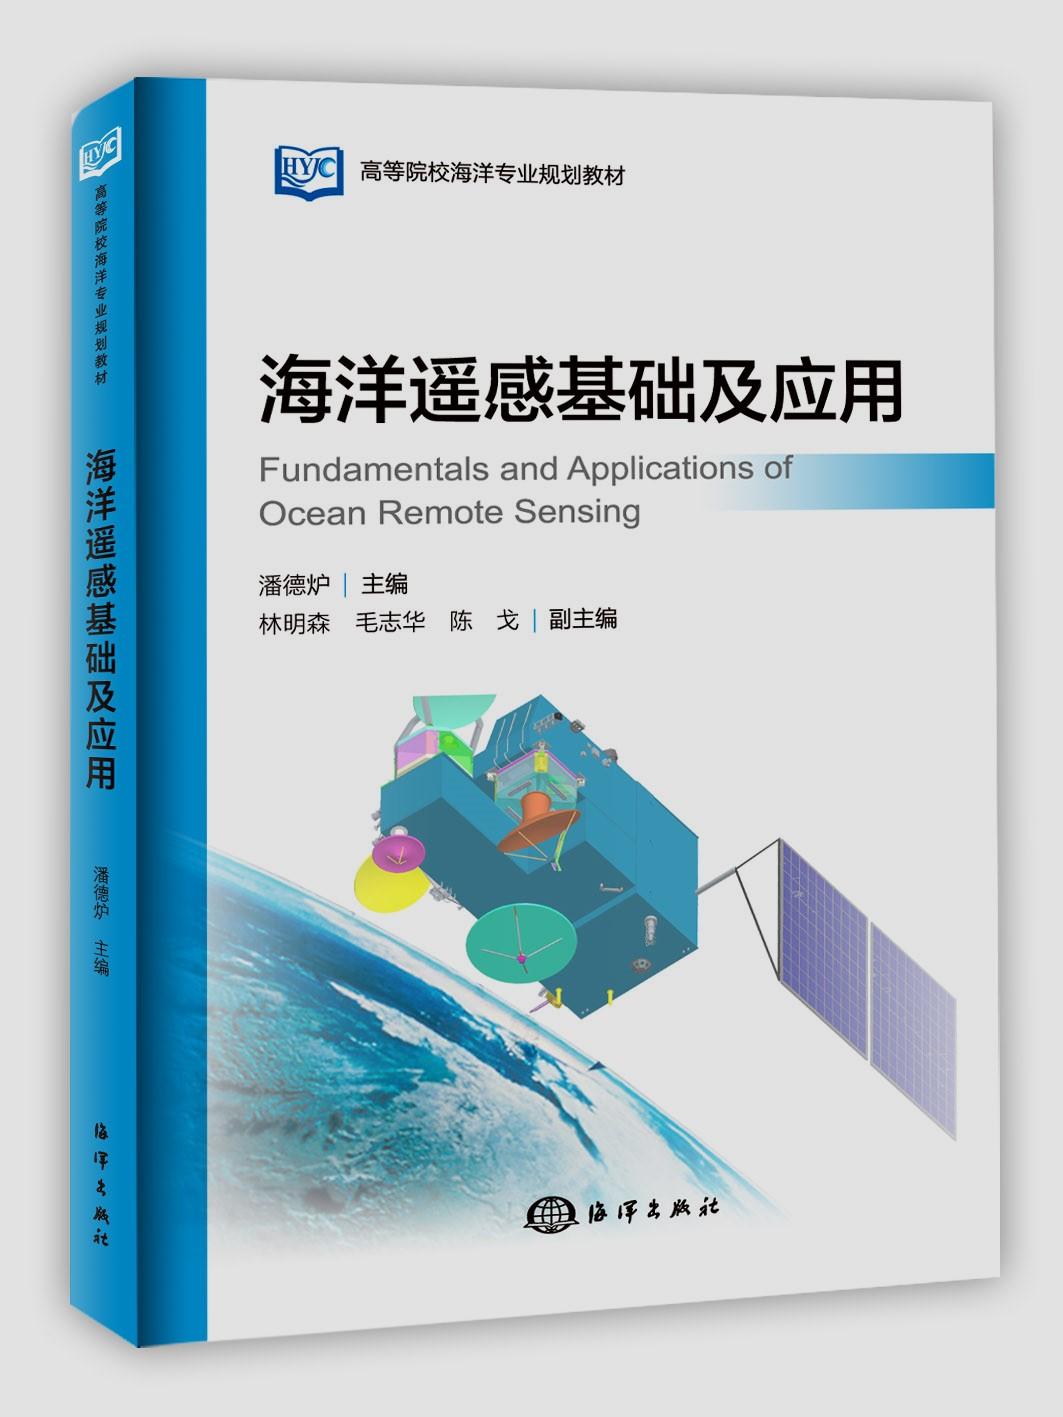 1.1 海洋遥感的定义 2 1.1.1 人眼的感知  2 1.1.2 仪器的感知  3 1.1.3 海洋遥感  3 1.2 海洋遥感体系 4 1.2.1 卫星海洋遥感的六大系统  4 1.2.2 卫星海洋遥感地面系统构成  5 1.2.3 卫星海洋遥感流程